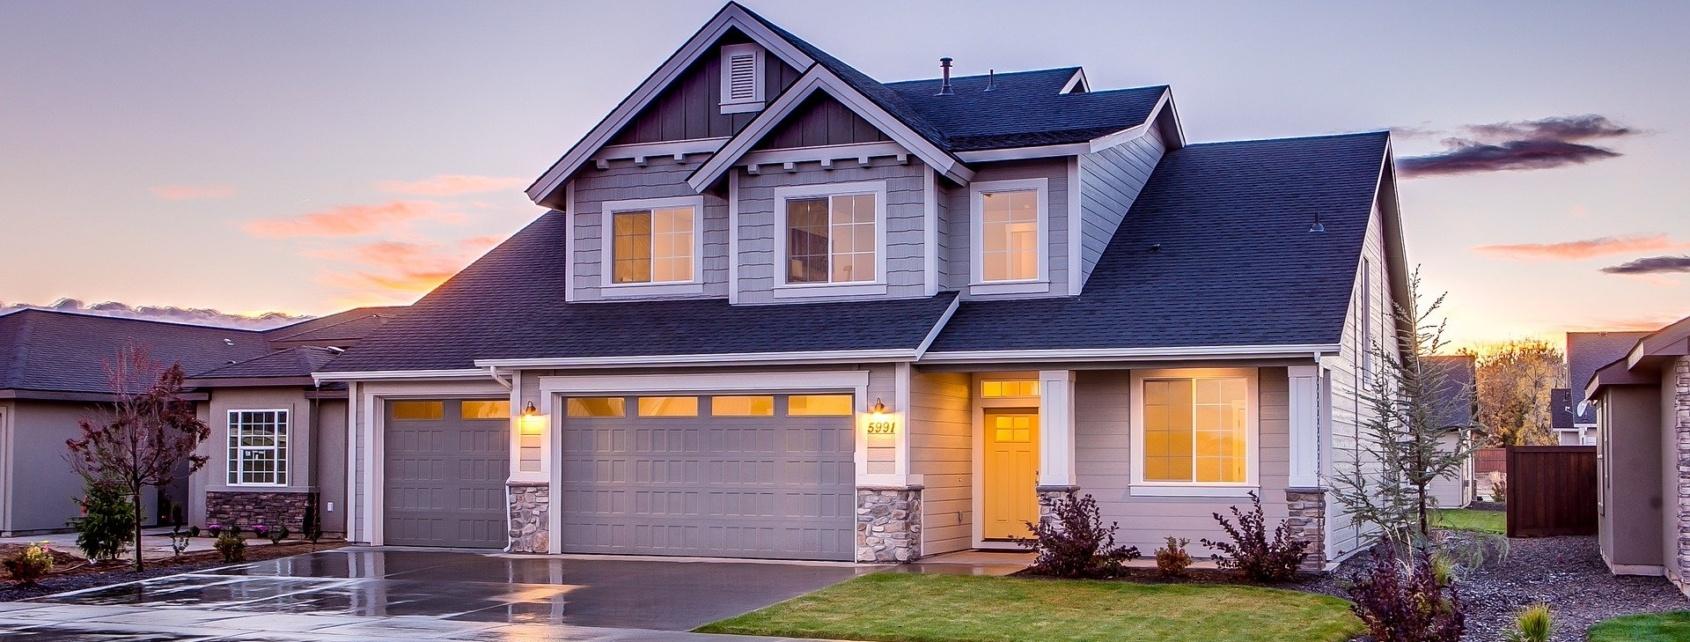 maison autonome en électricité grâce au photovoltaïque